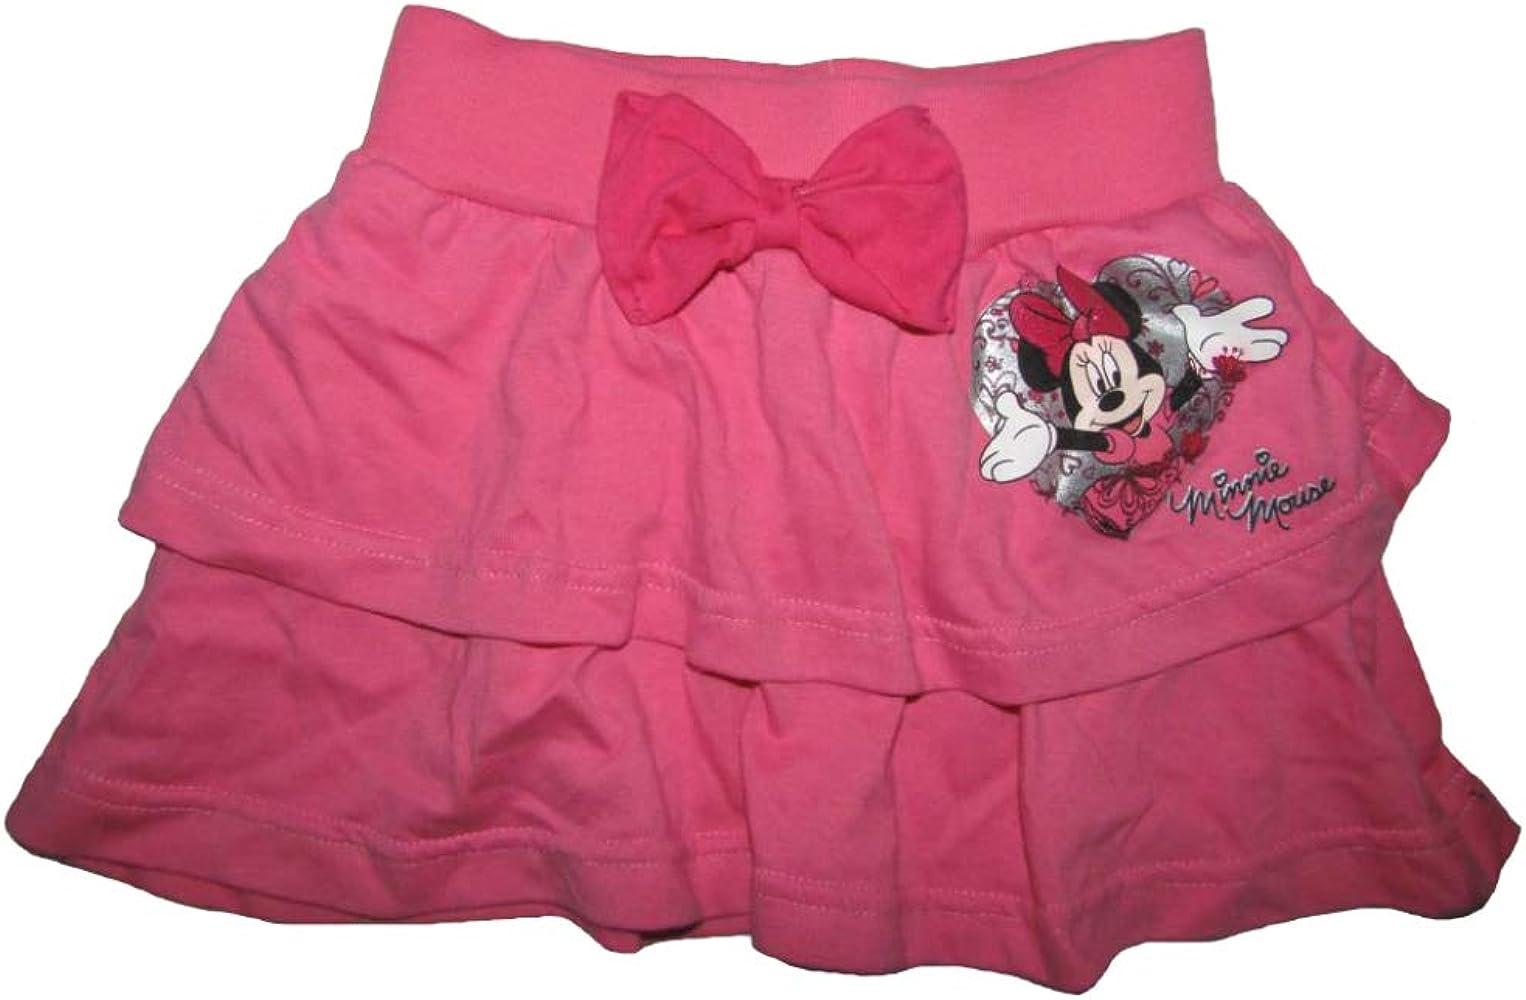 Eplus Disney Minnie Mouse - Falda Infantil con diseño de Minnie ...